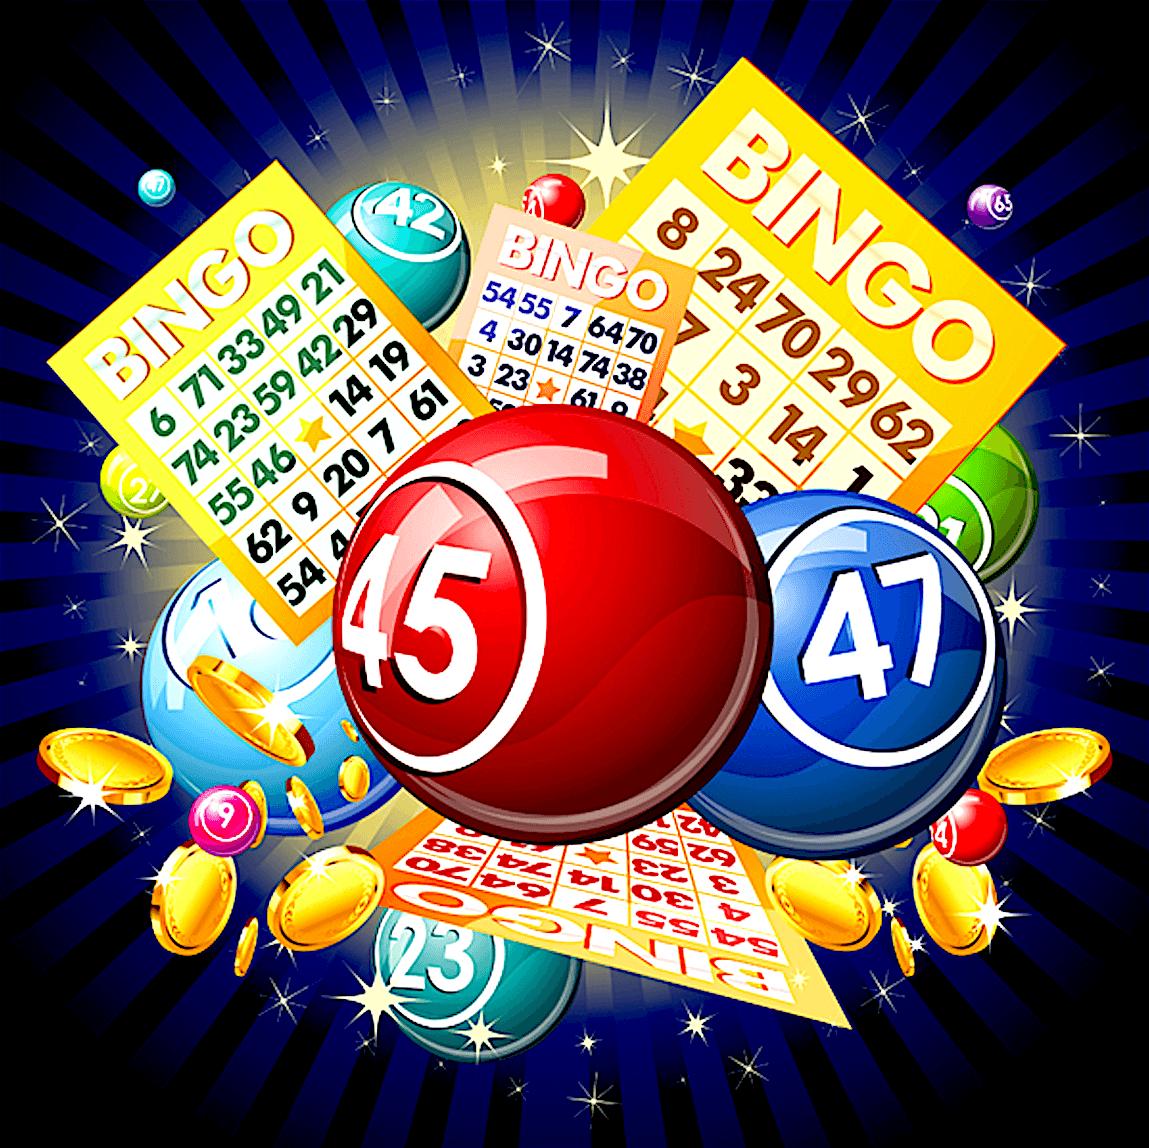 Bingo! (foto Stichting Behoud De Bogerd)